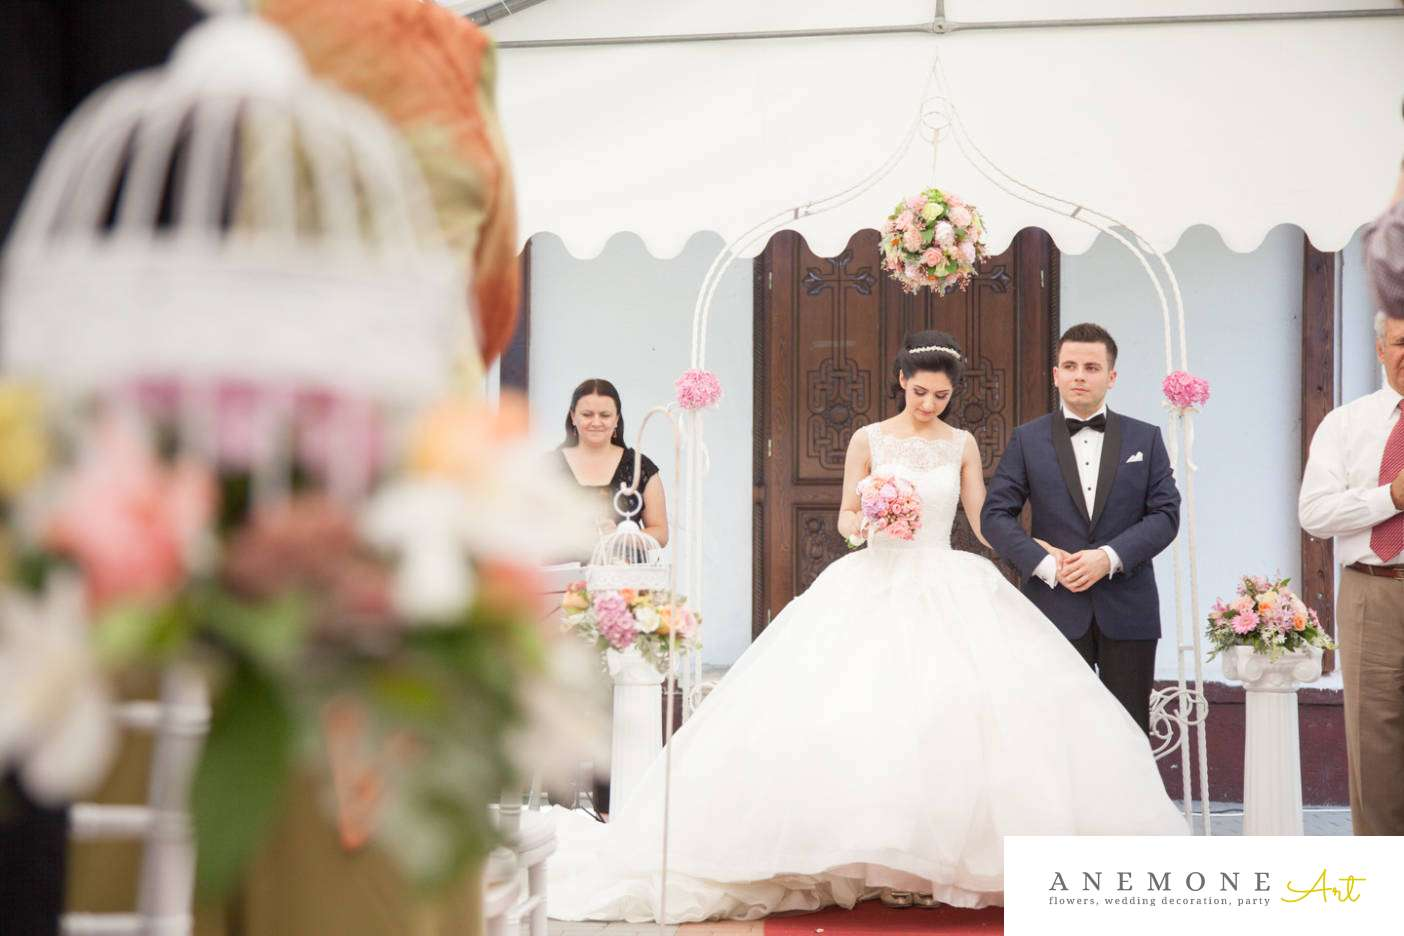 Poza, foto cu Flori de nunta arcada, decor biserica, stalp ceramica in Arad, Timisoara, Oradea (wedding flowers, bouquets) nunta Arad, Timisoara, Oradea